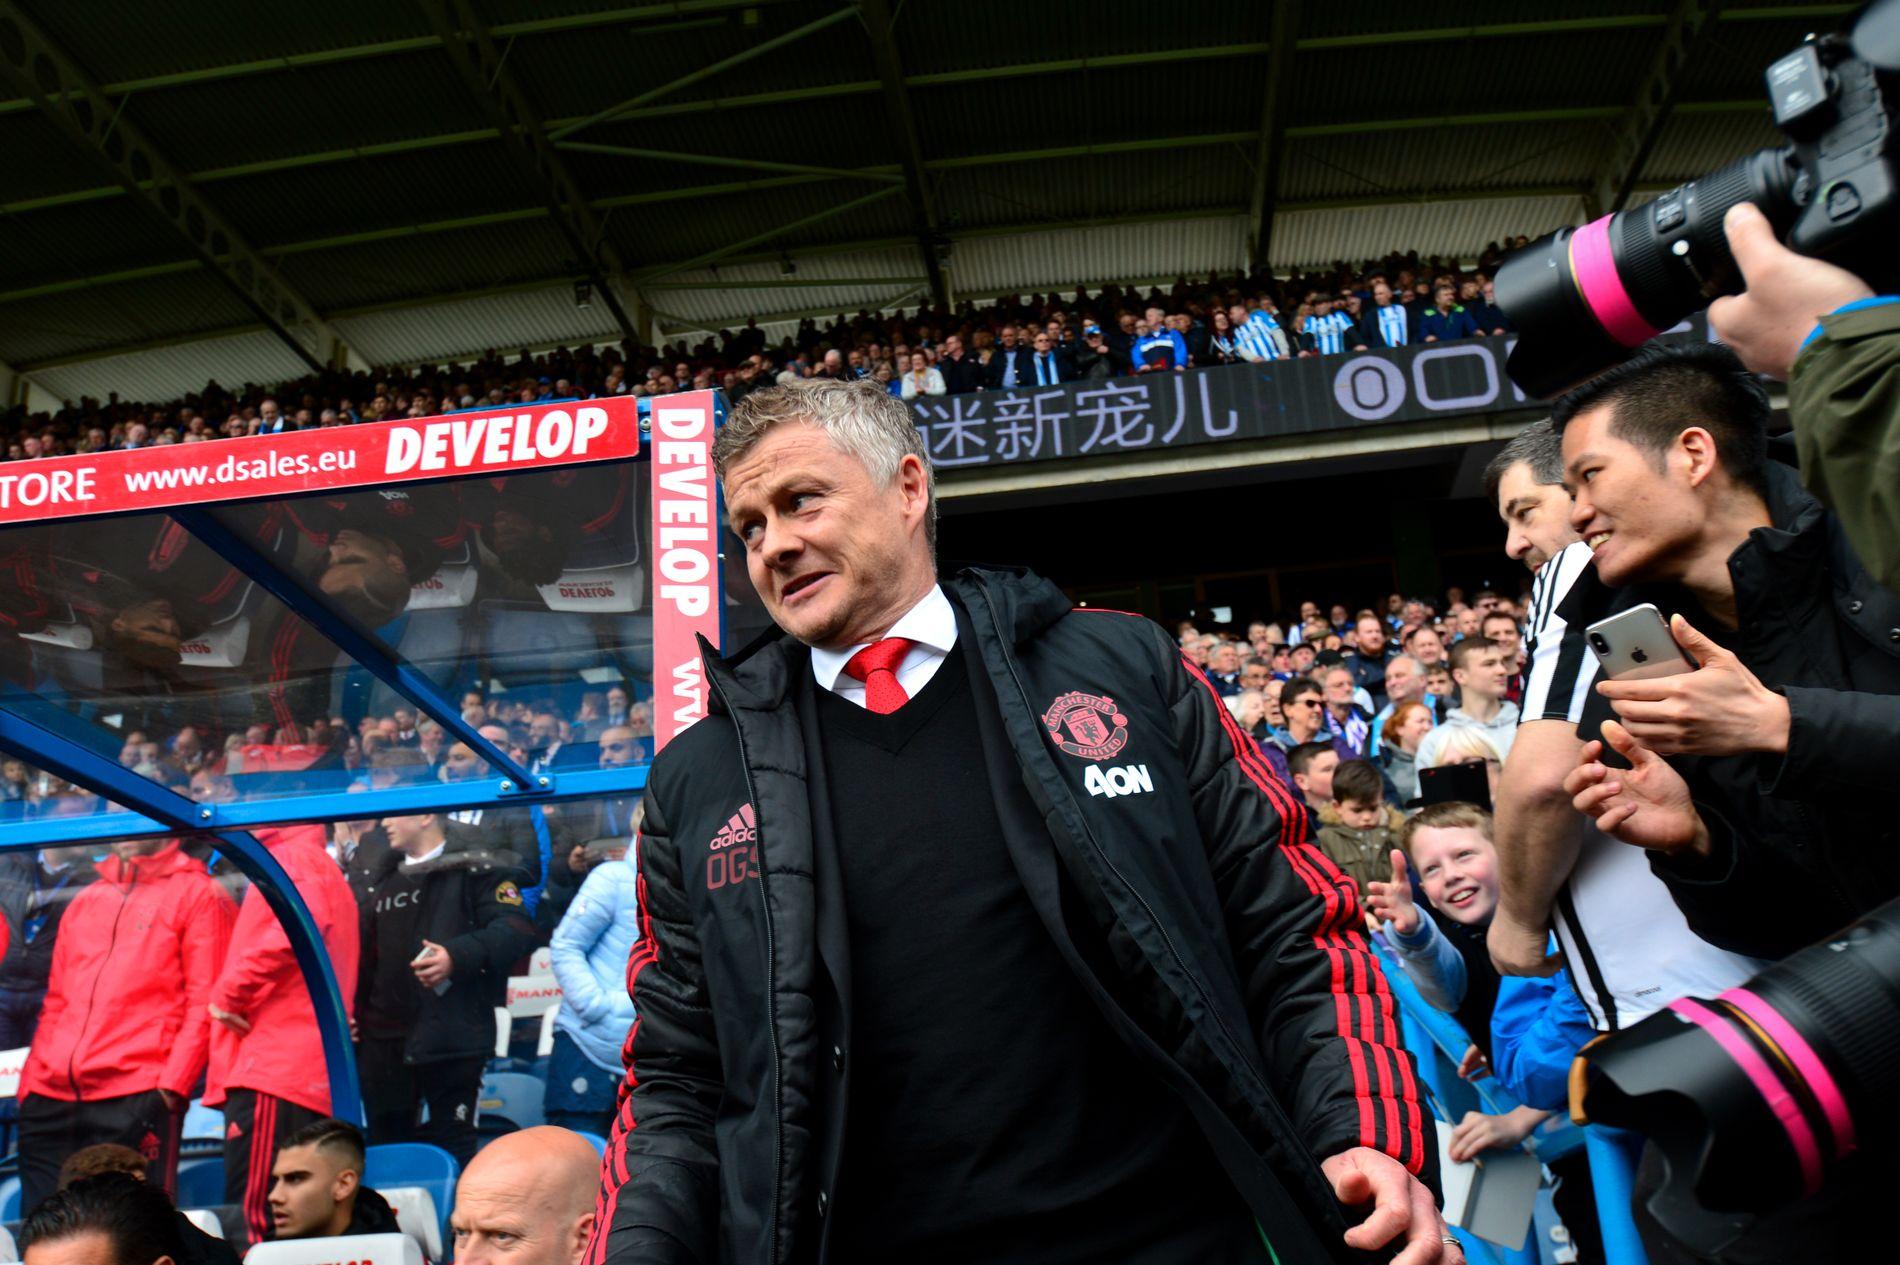 PRESSET: Ole Gunnar Solskjær har havnet i medienes søkelys etter Manchester Uniteds svake resultater den siste tiden.